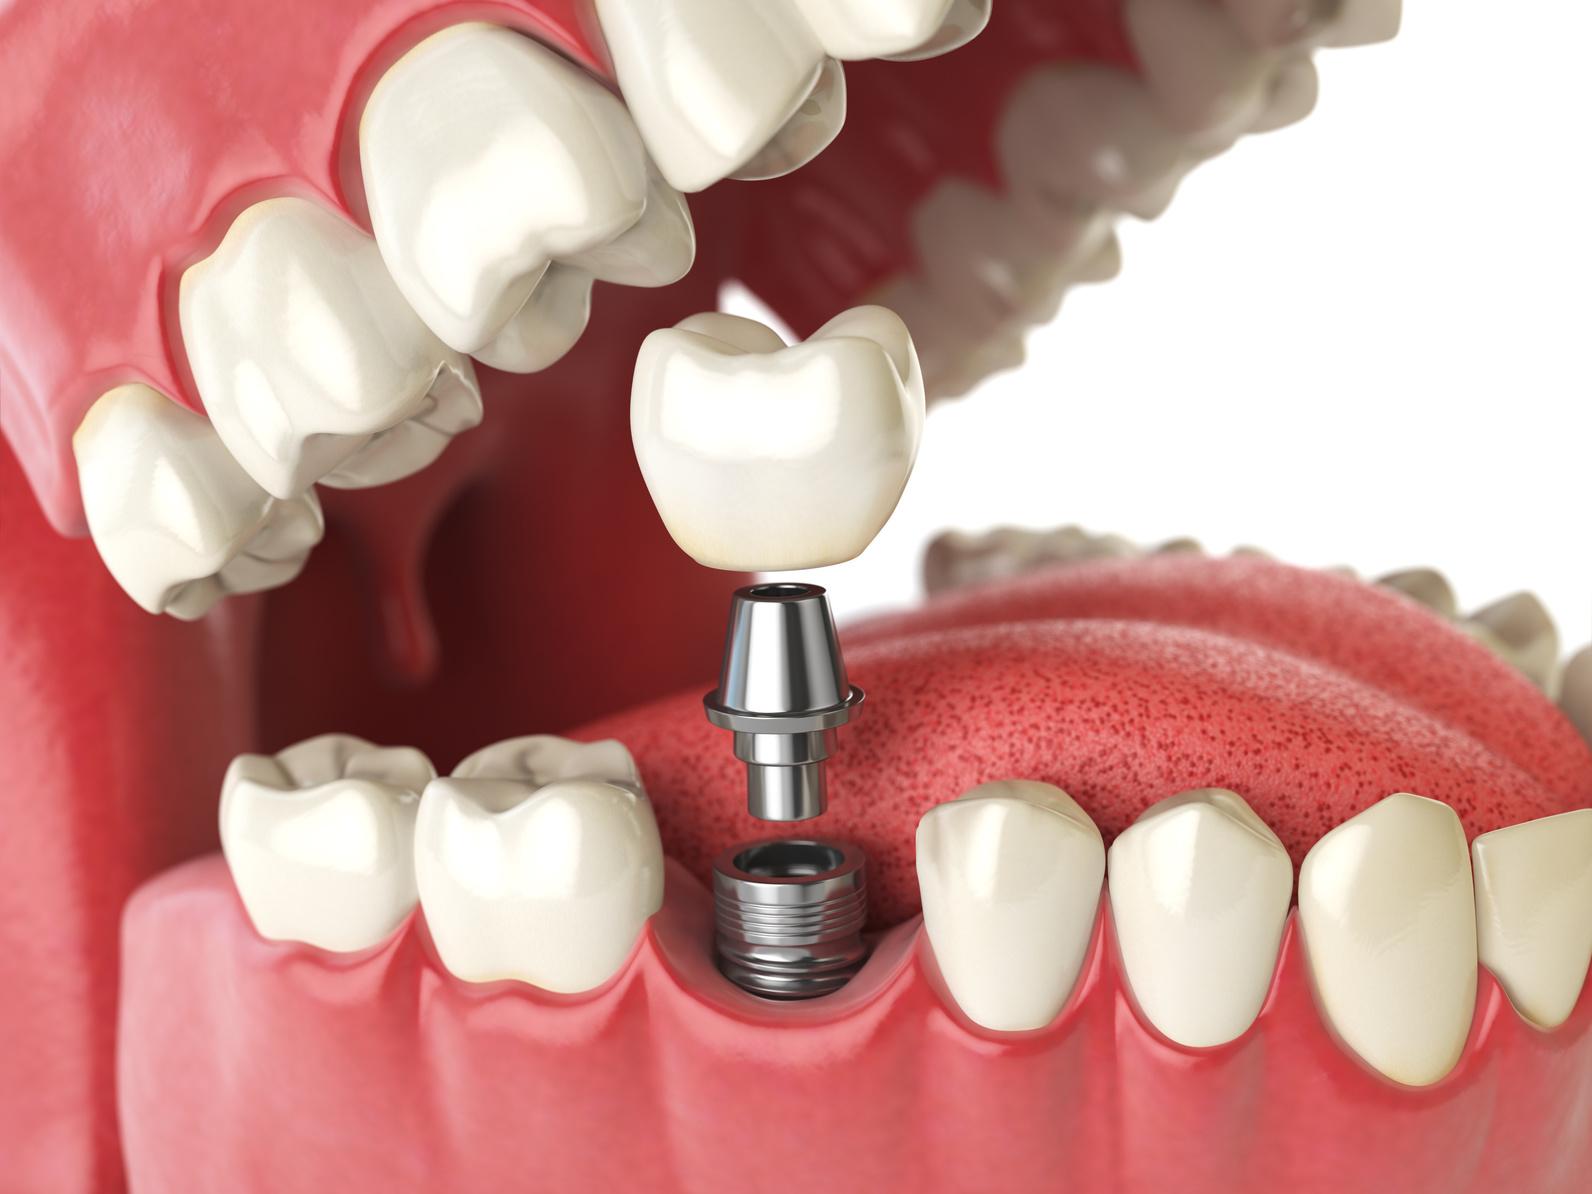 奥歯のインプラント治療のポイント|知っておくべき特徴まとめ